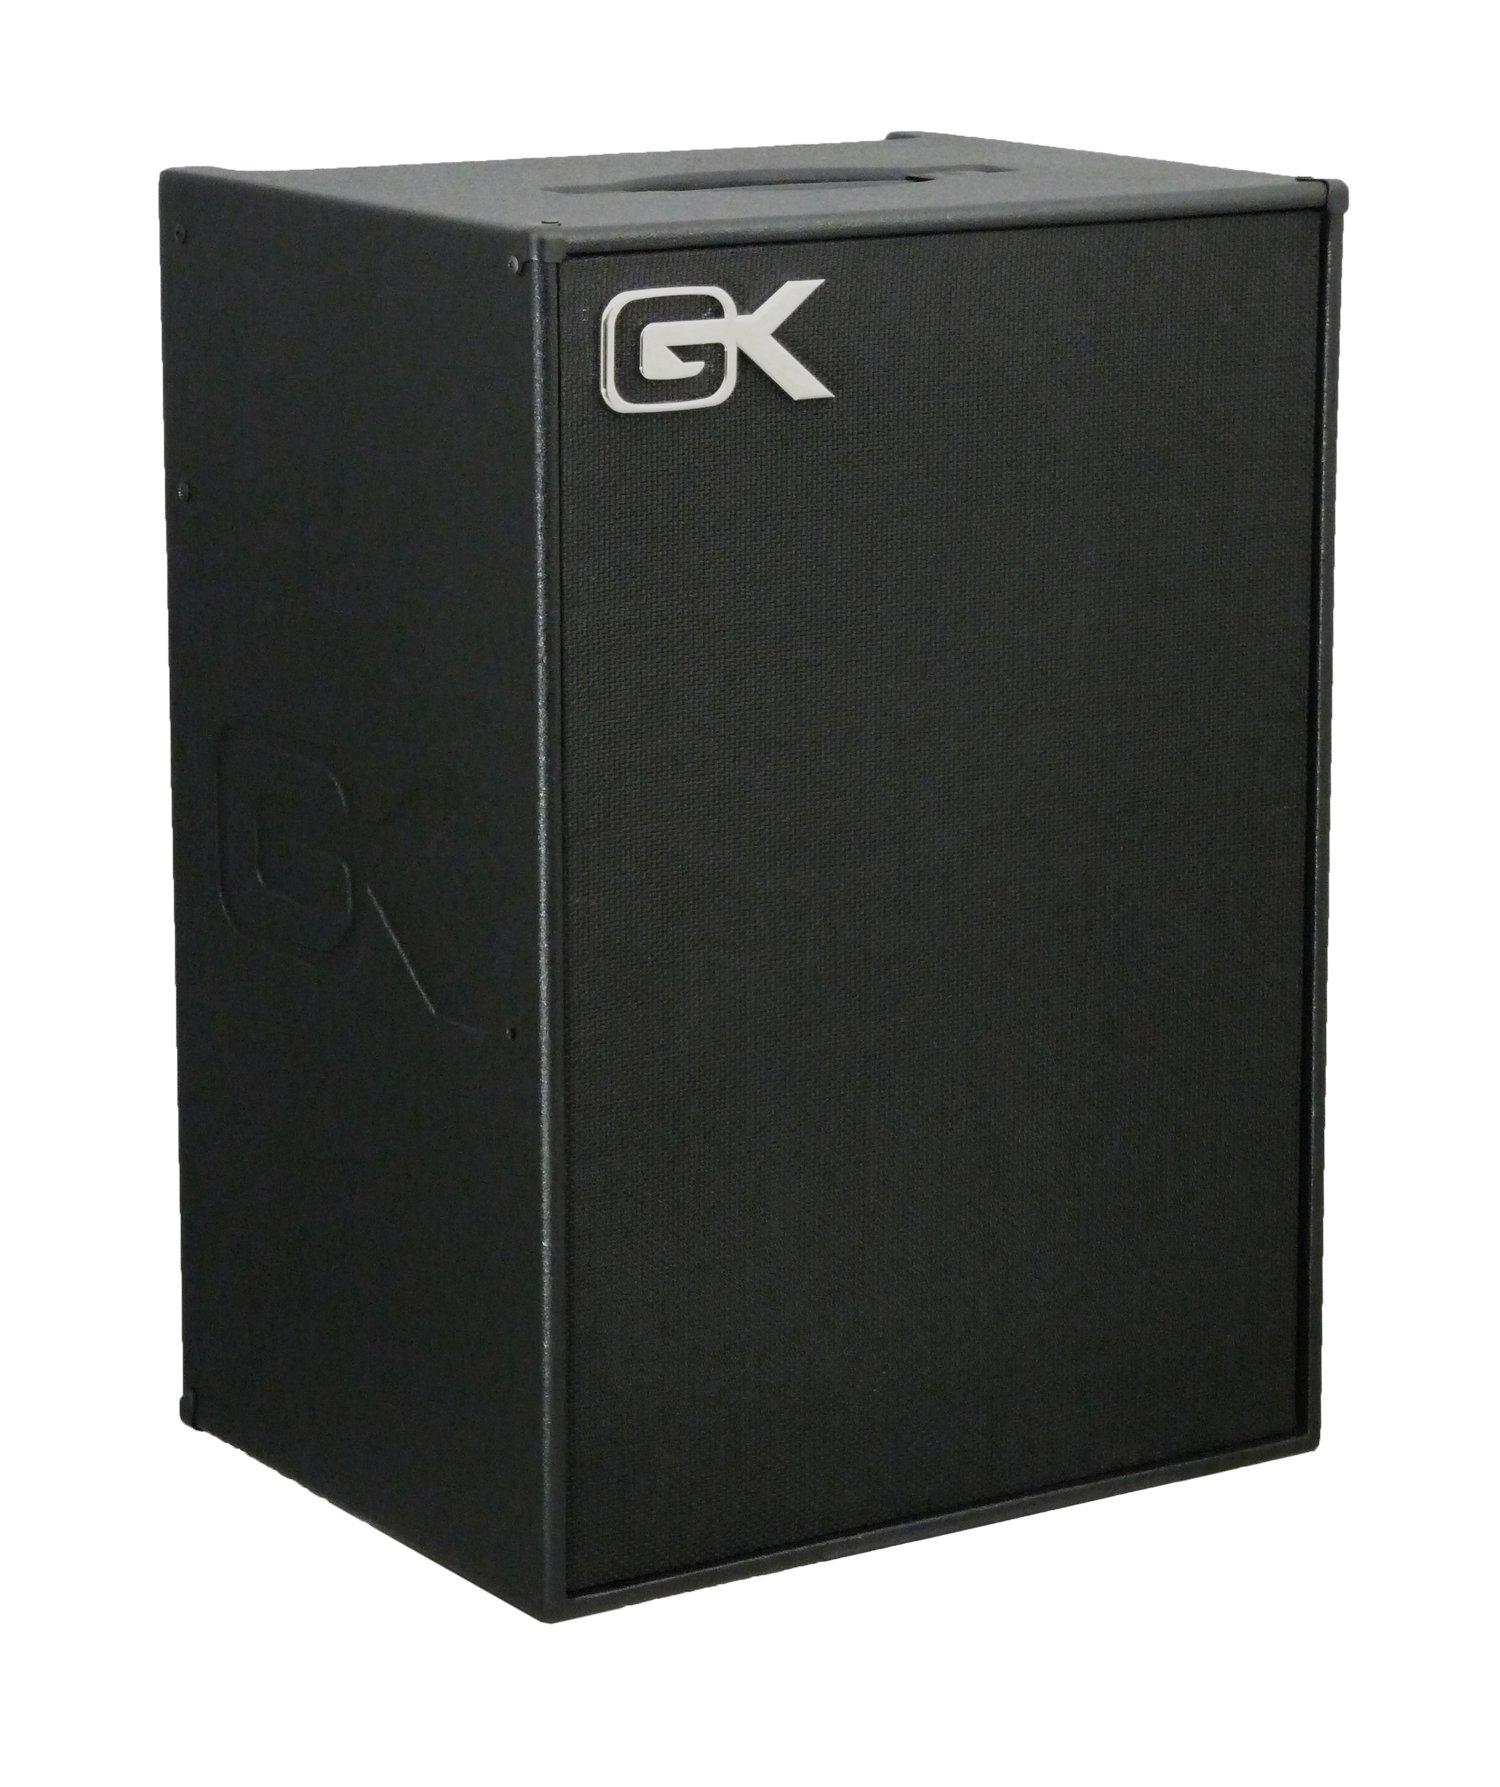 Gallien-Krueger MB212-II 500W 2x12 Combo Bass Amp